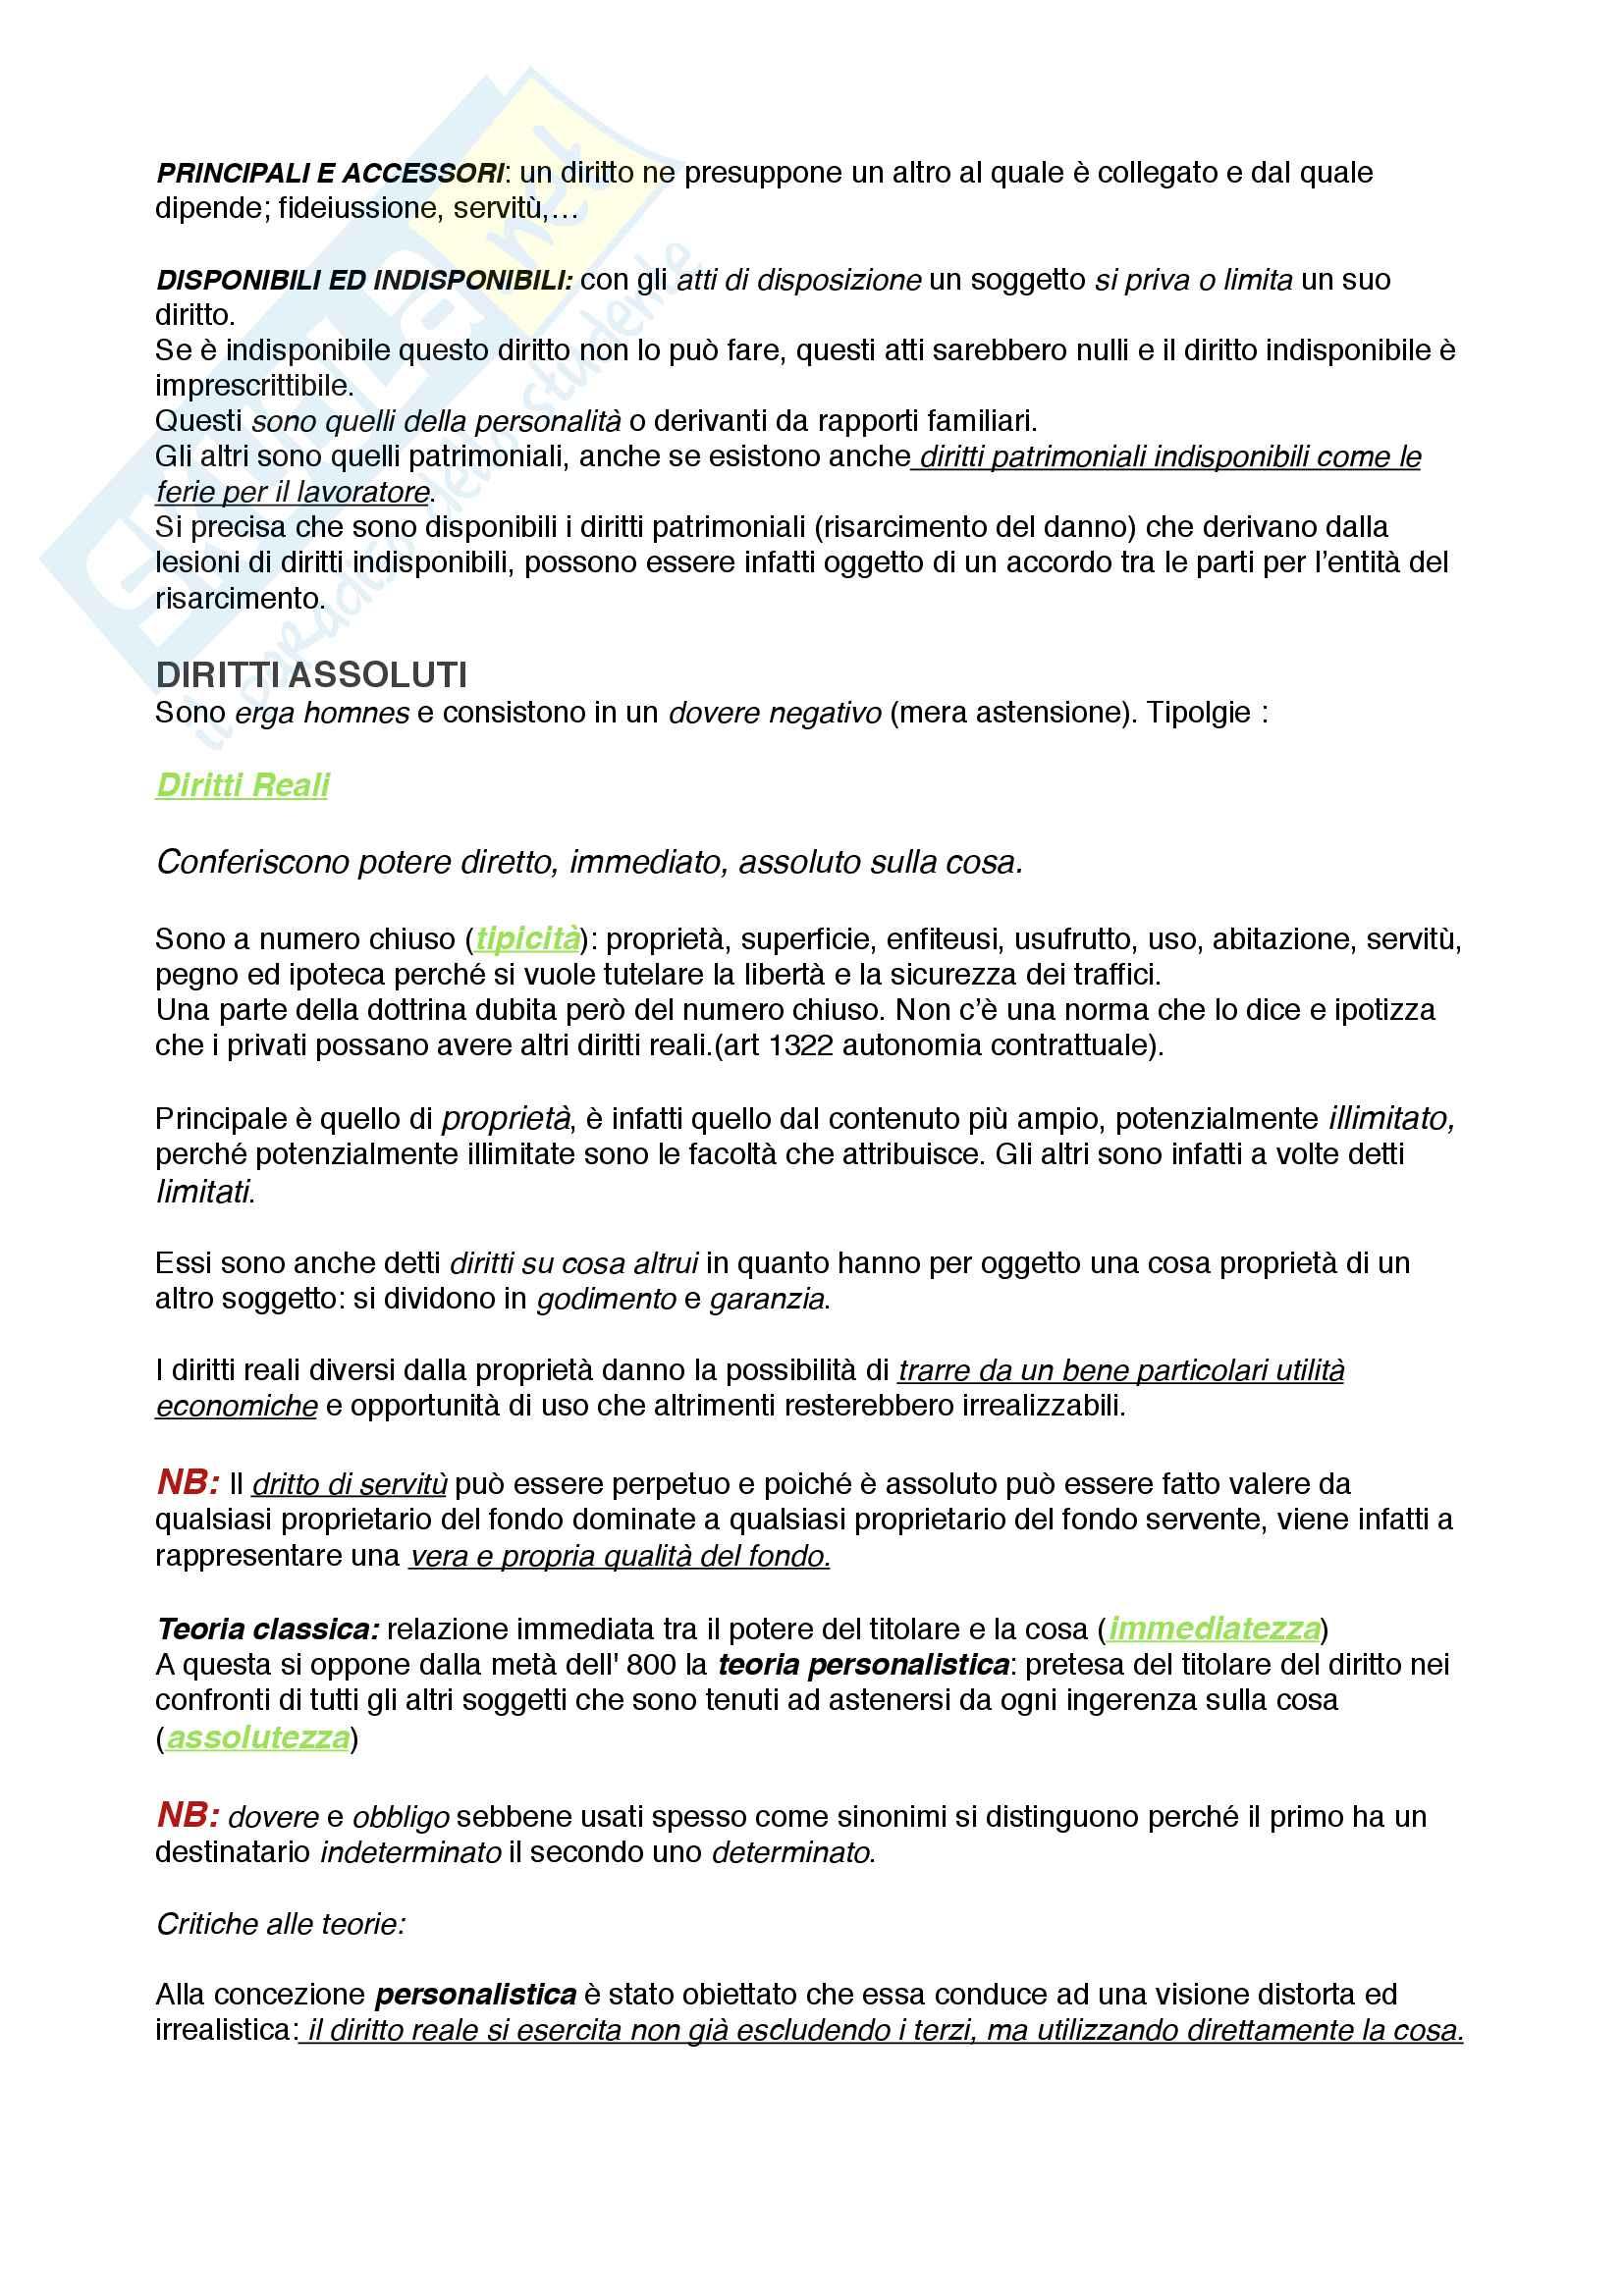 Riassunto esame Istituzioni di diritto privato 1 Pag. 11